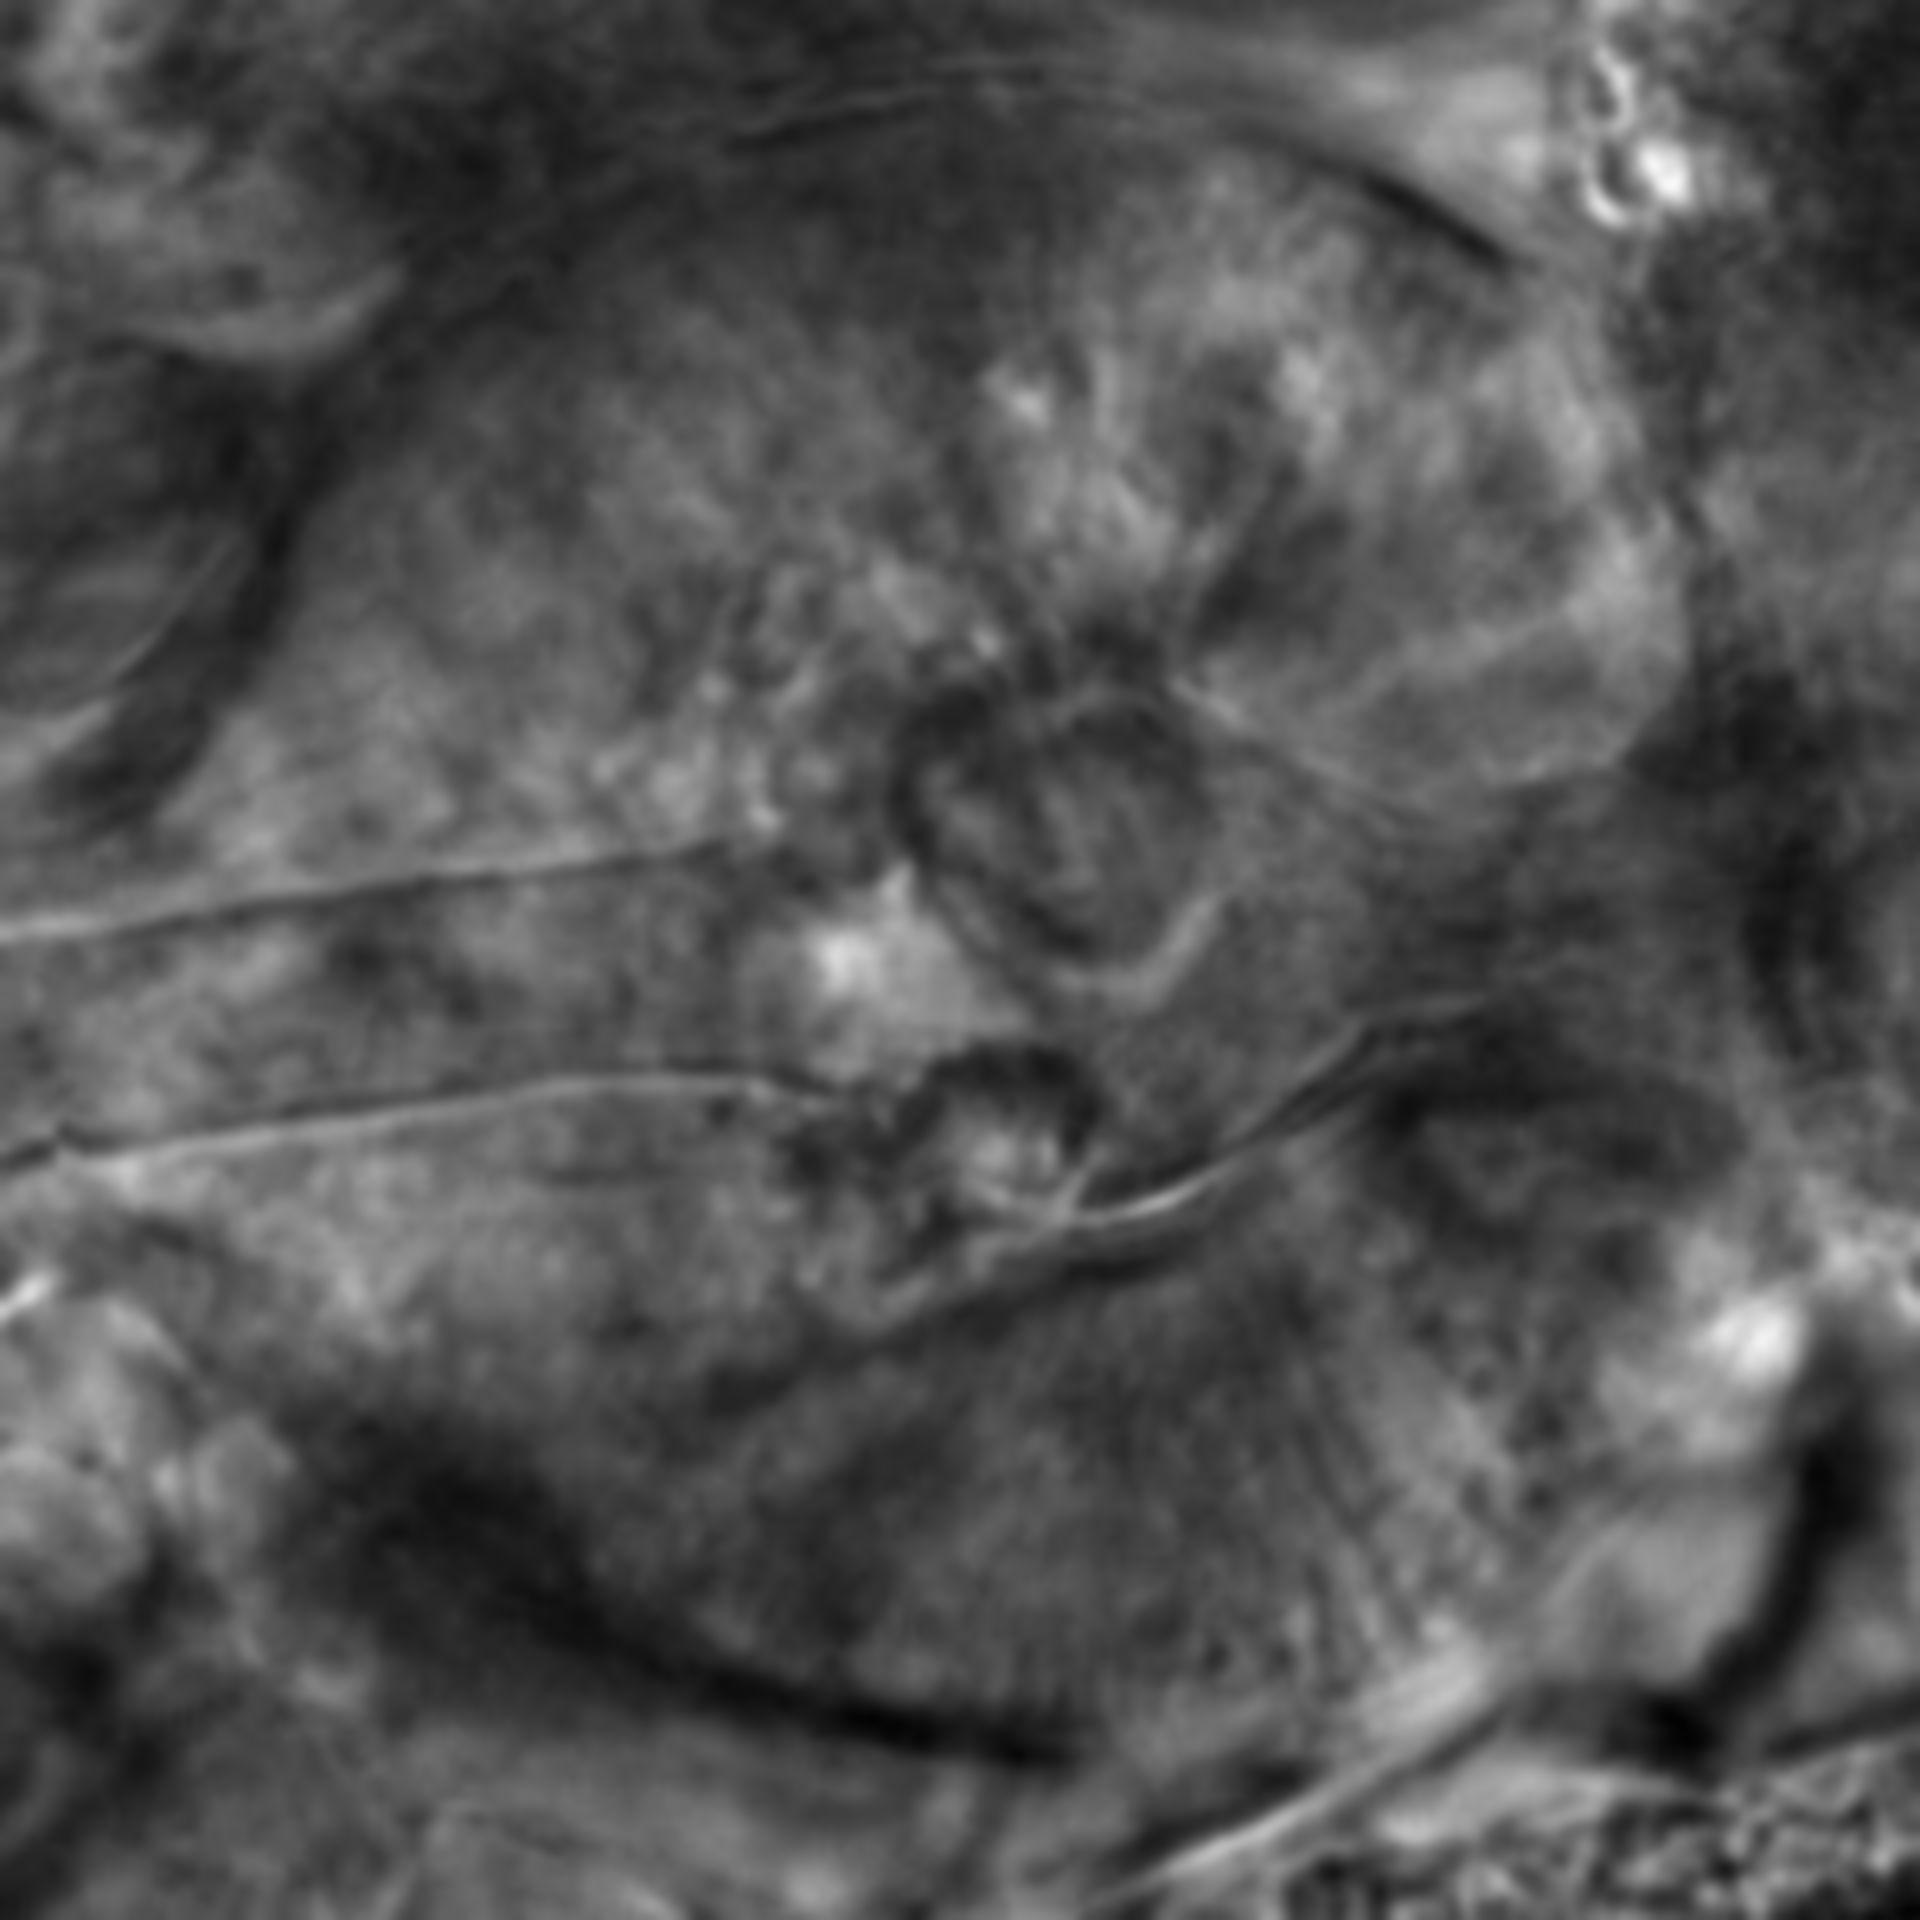 Caenorhabditis elegans - CIL:2618